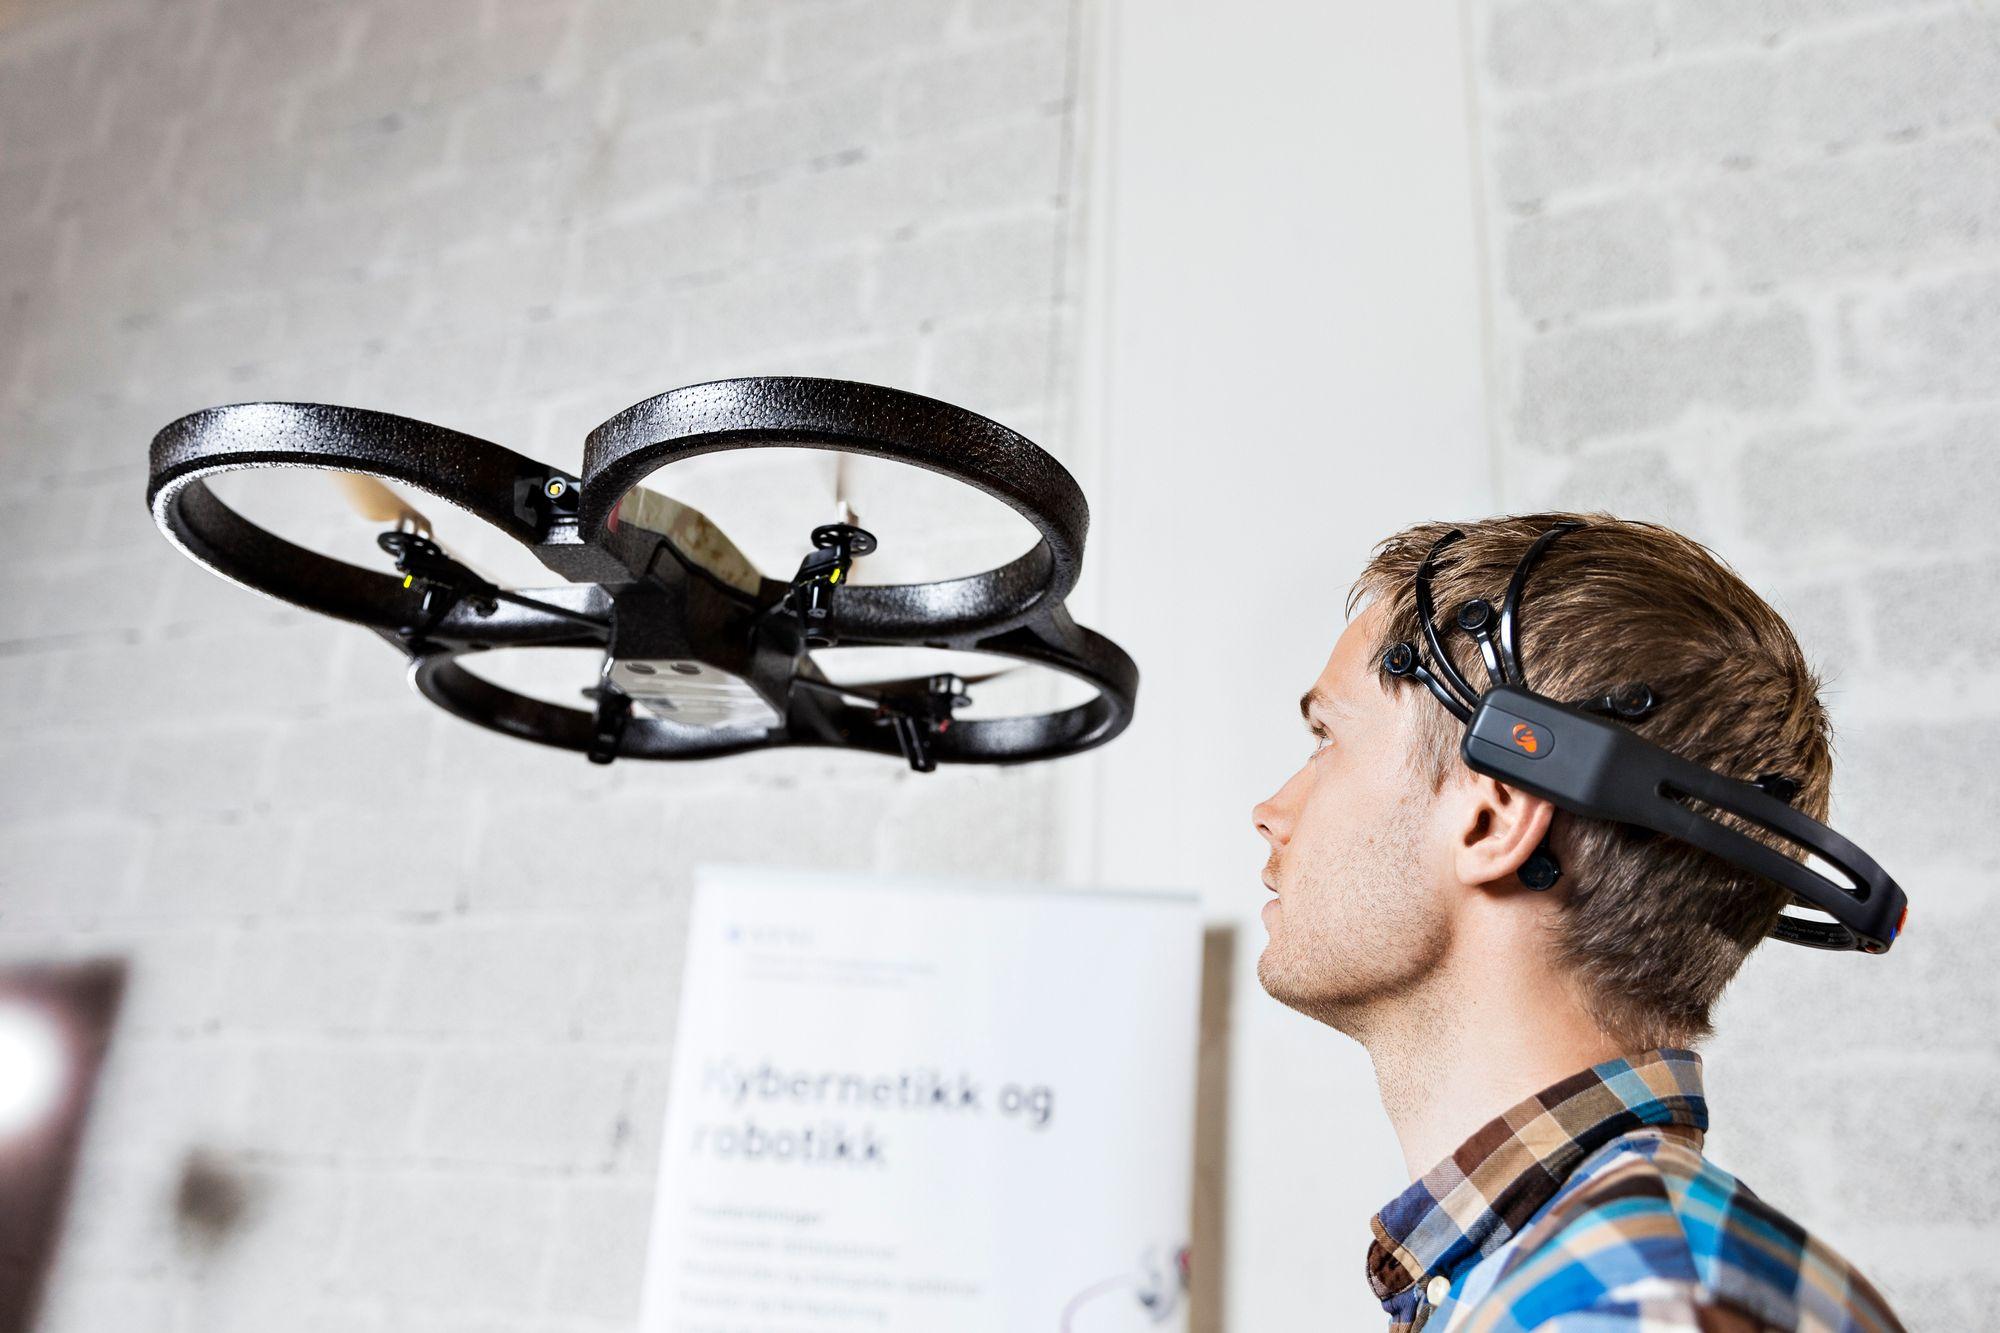 Stipendiat Atle Rygg styrer denne dronen med ansiktsbevegelser.